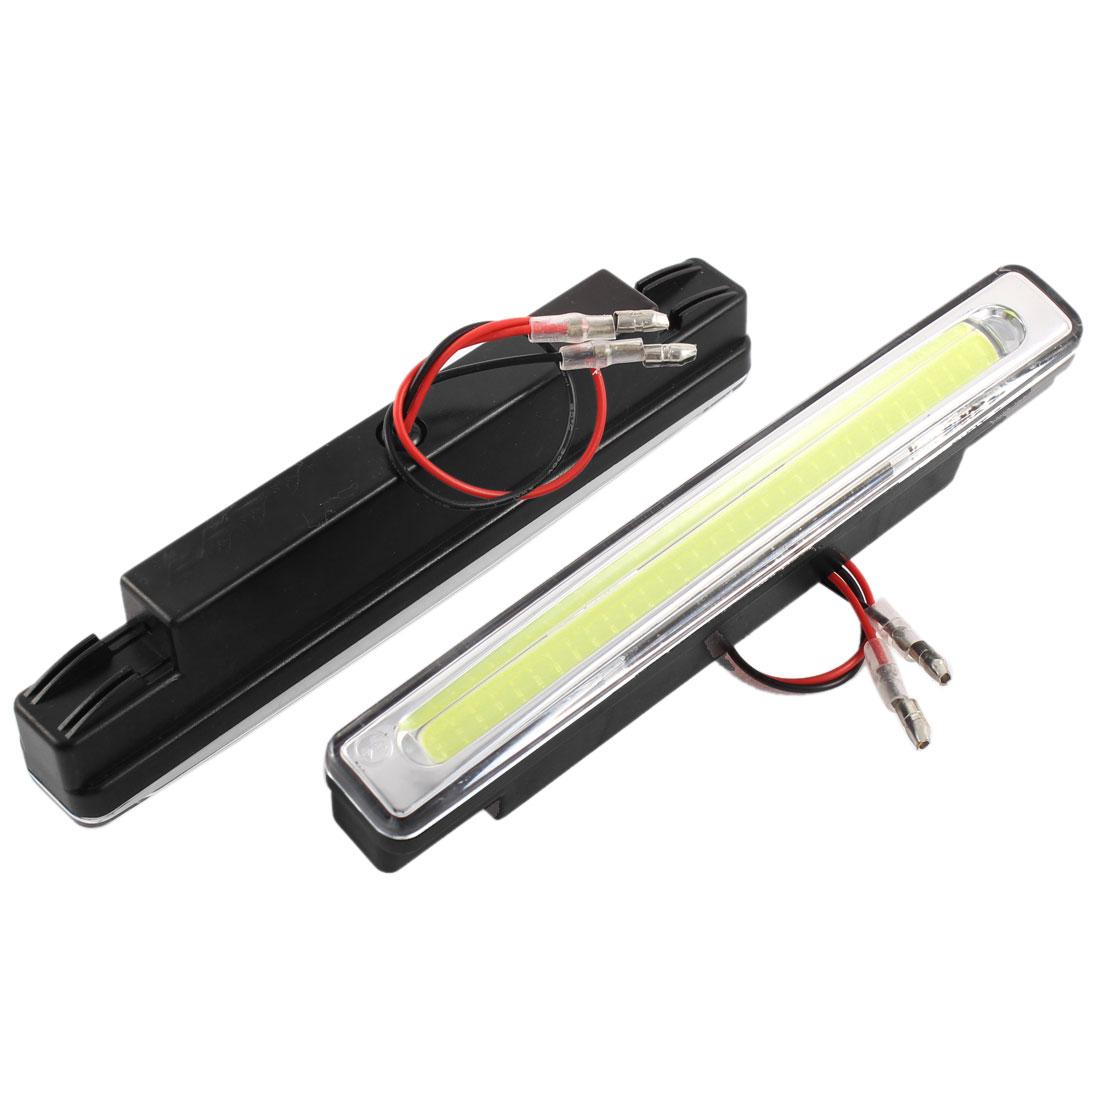 2 Pcs Car White COB LED Driving Daytime Running Daylight Fog Light